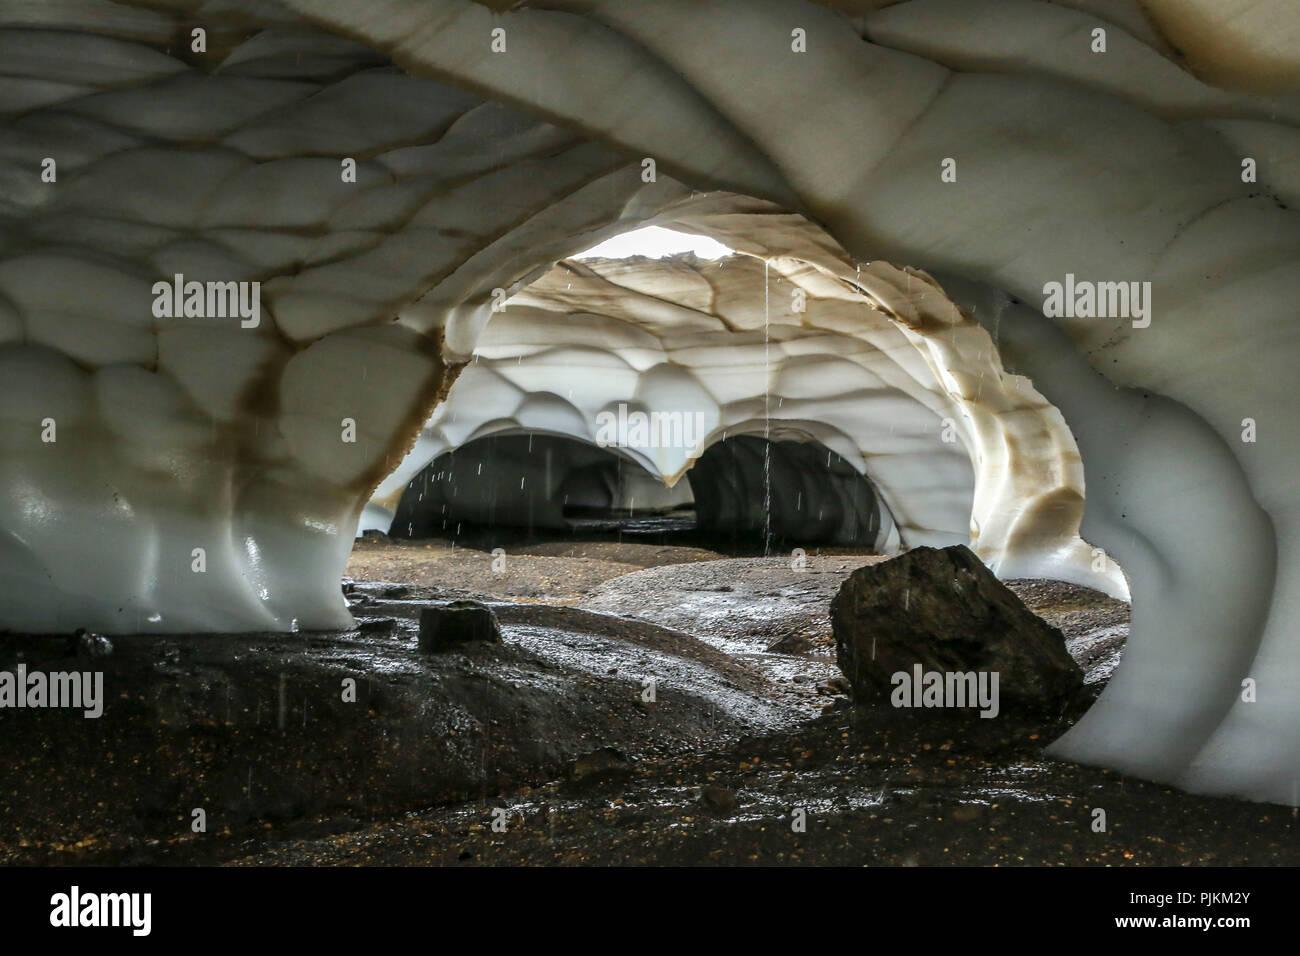 Islandia, cueva de nieve bañada por el arroyo, el agua que fluye desde el techo Imagen De Stock